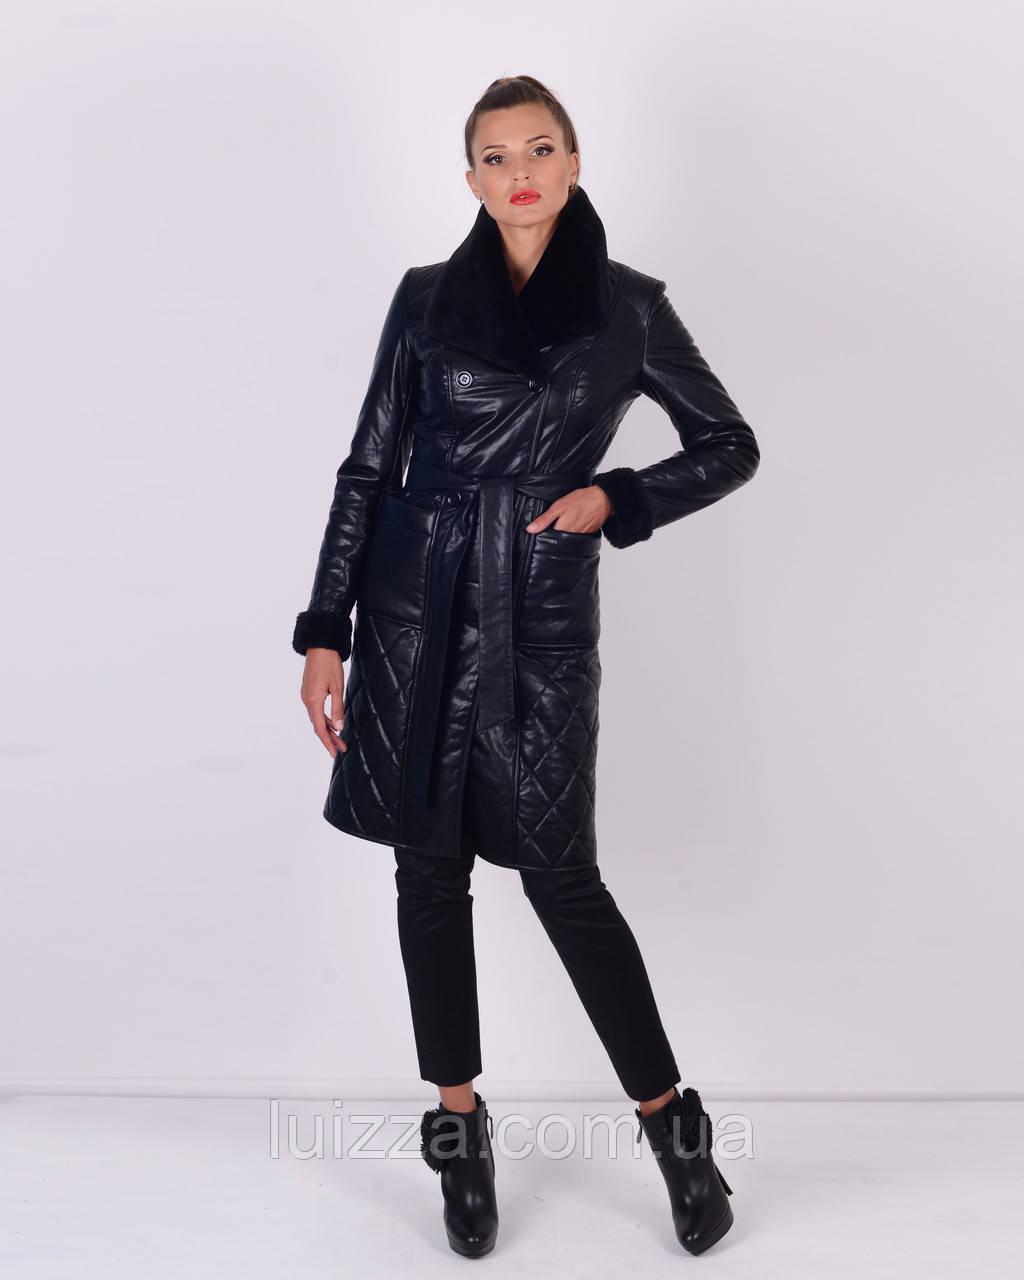 Женское утепленное пальто из эко-кожи 46, 54 р черная 54